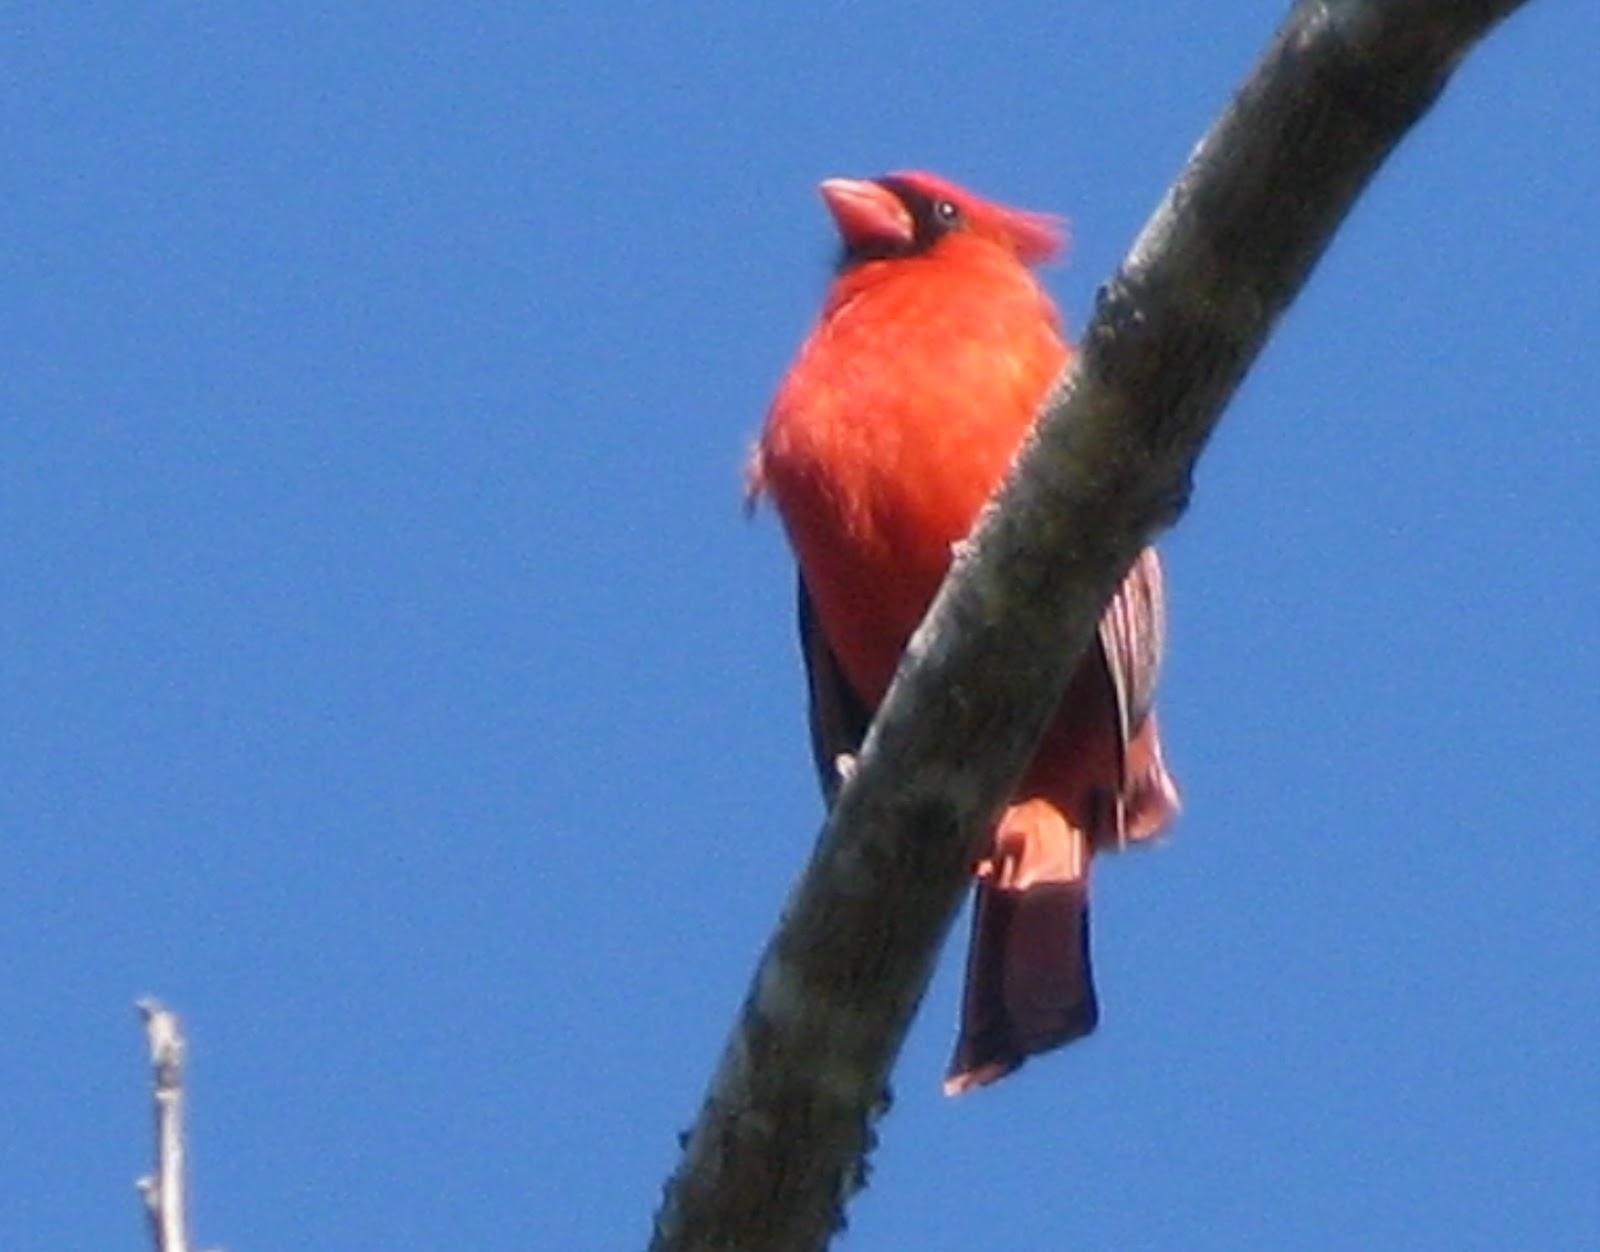 Cardinal at the Birding Station